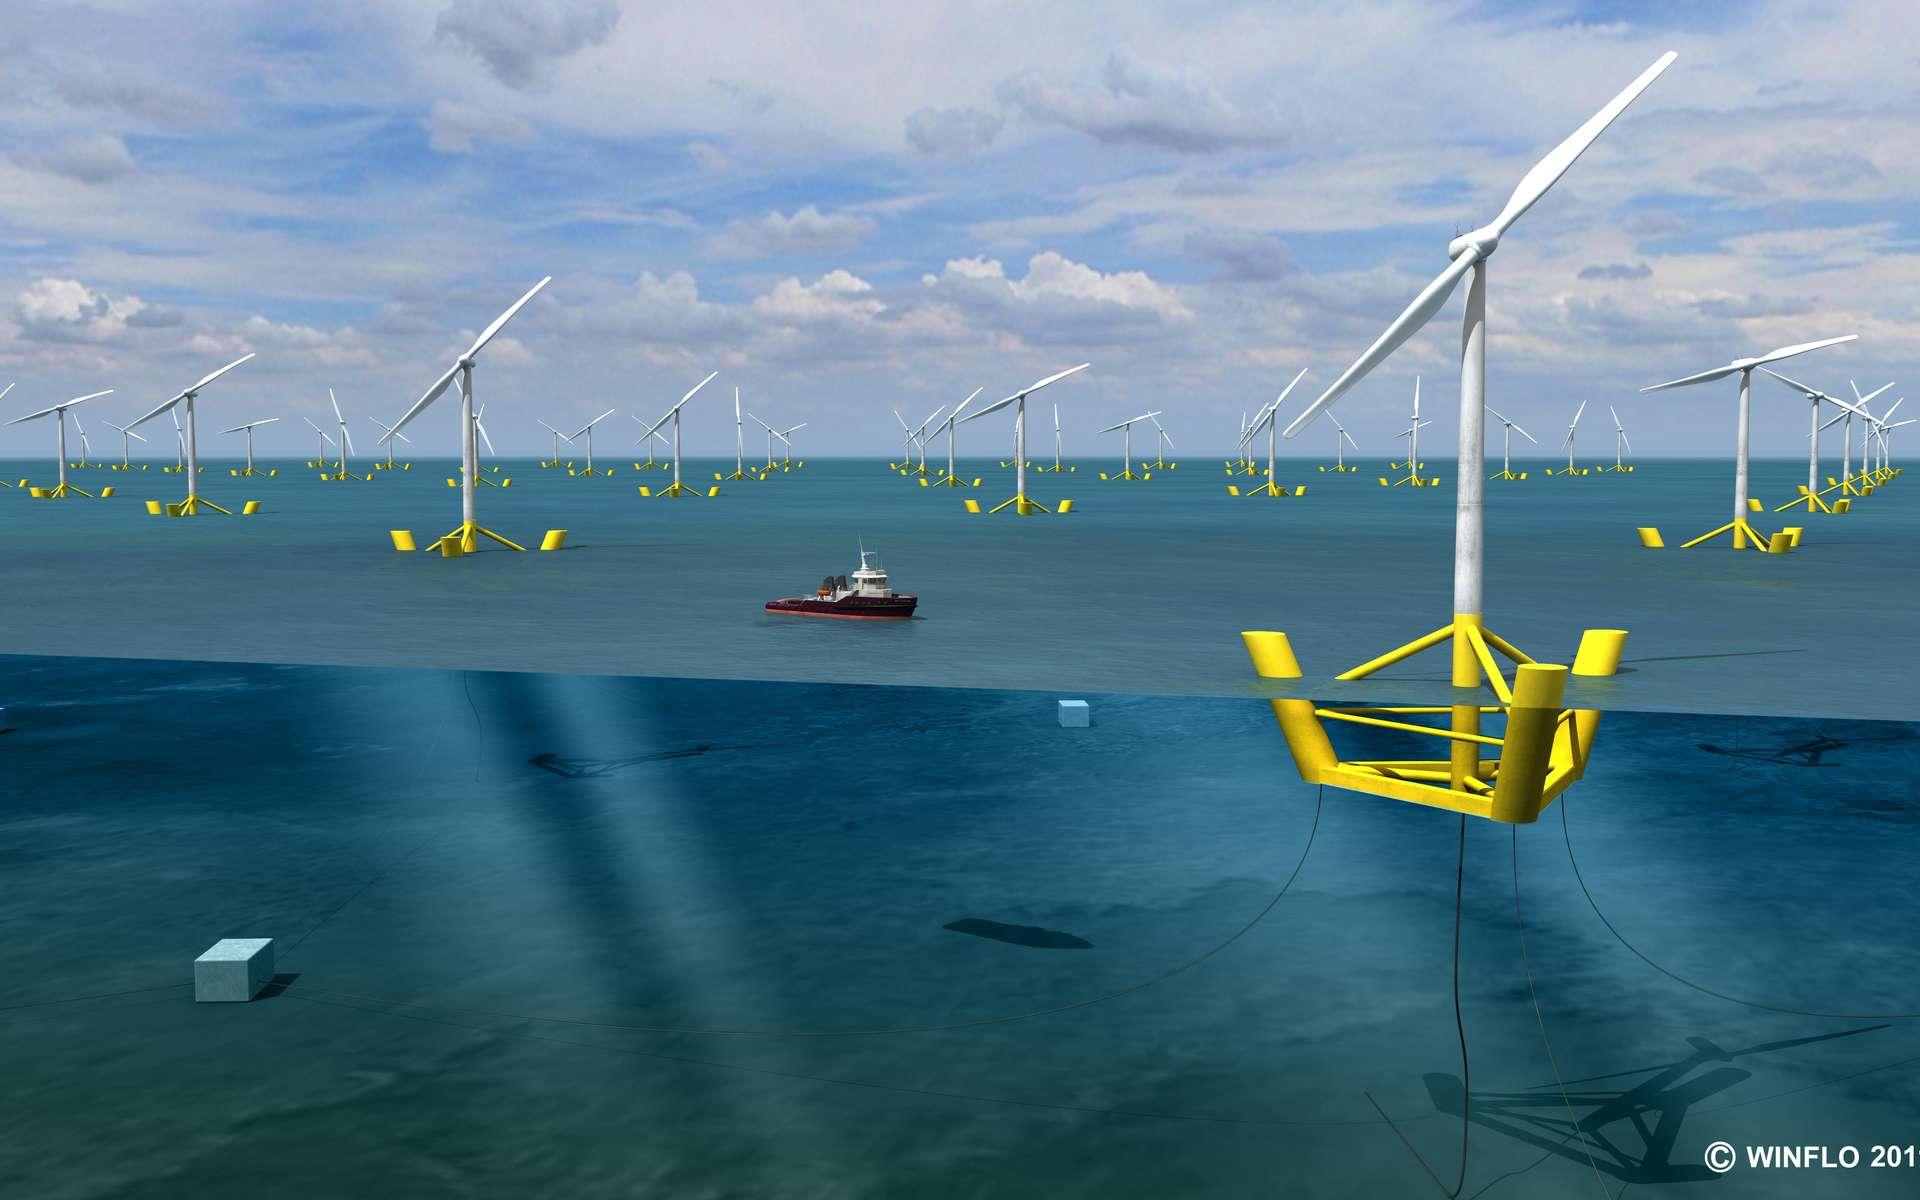 D'ici 2020, l'installation de 100 éoliennes Winflo au large de la Bretagne, ce qui représenterait un parc de 500 MW, pourrait fournir 10 % des besoins énergétiques de cette région. © Winflo, 2011